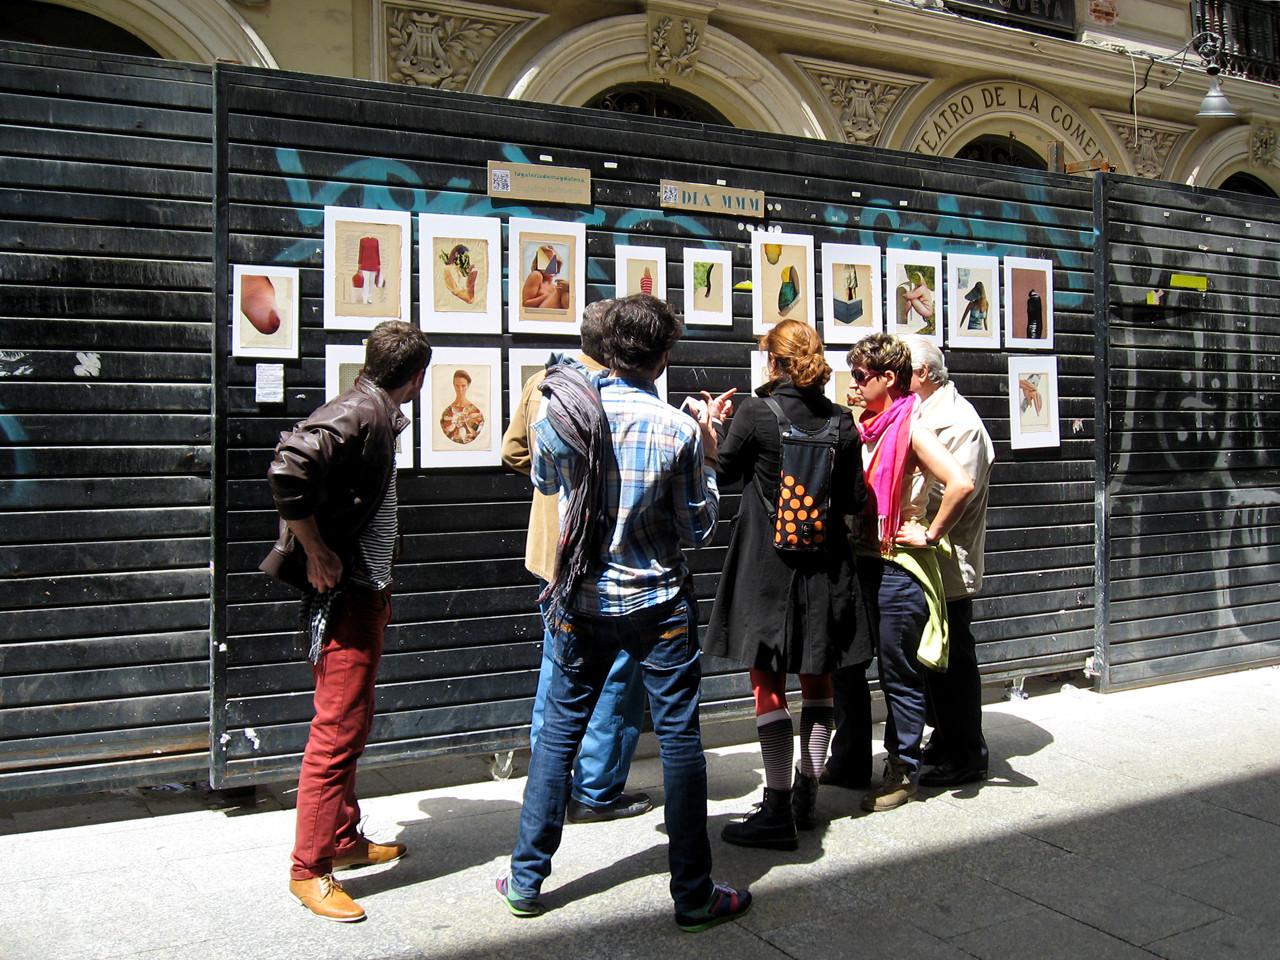 Galería Calle Príncipe / La de mi madre sabe mejor. Image Cortesia de Lagaleriademagdalena